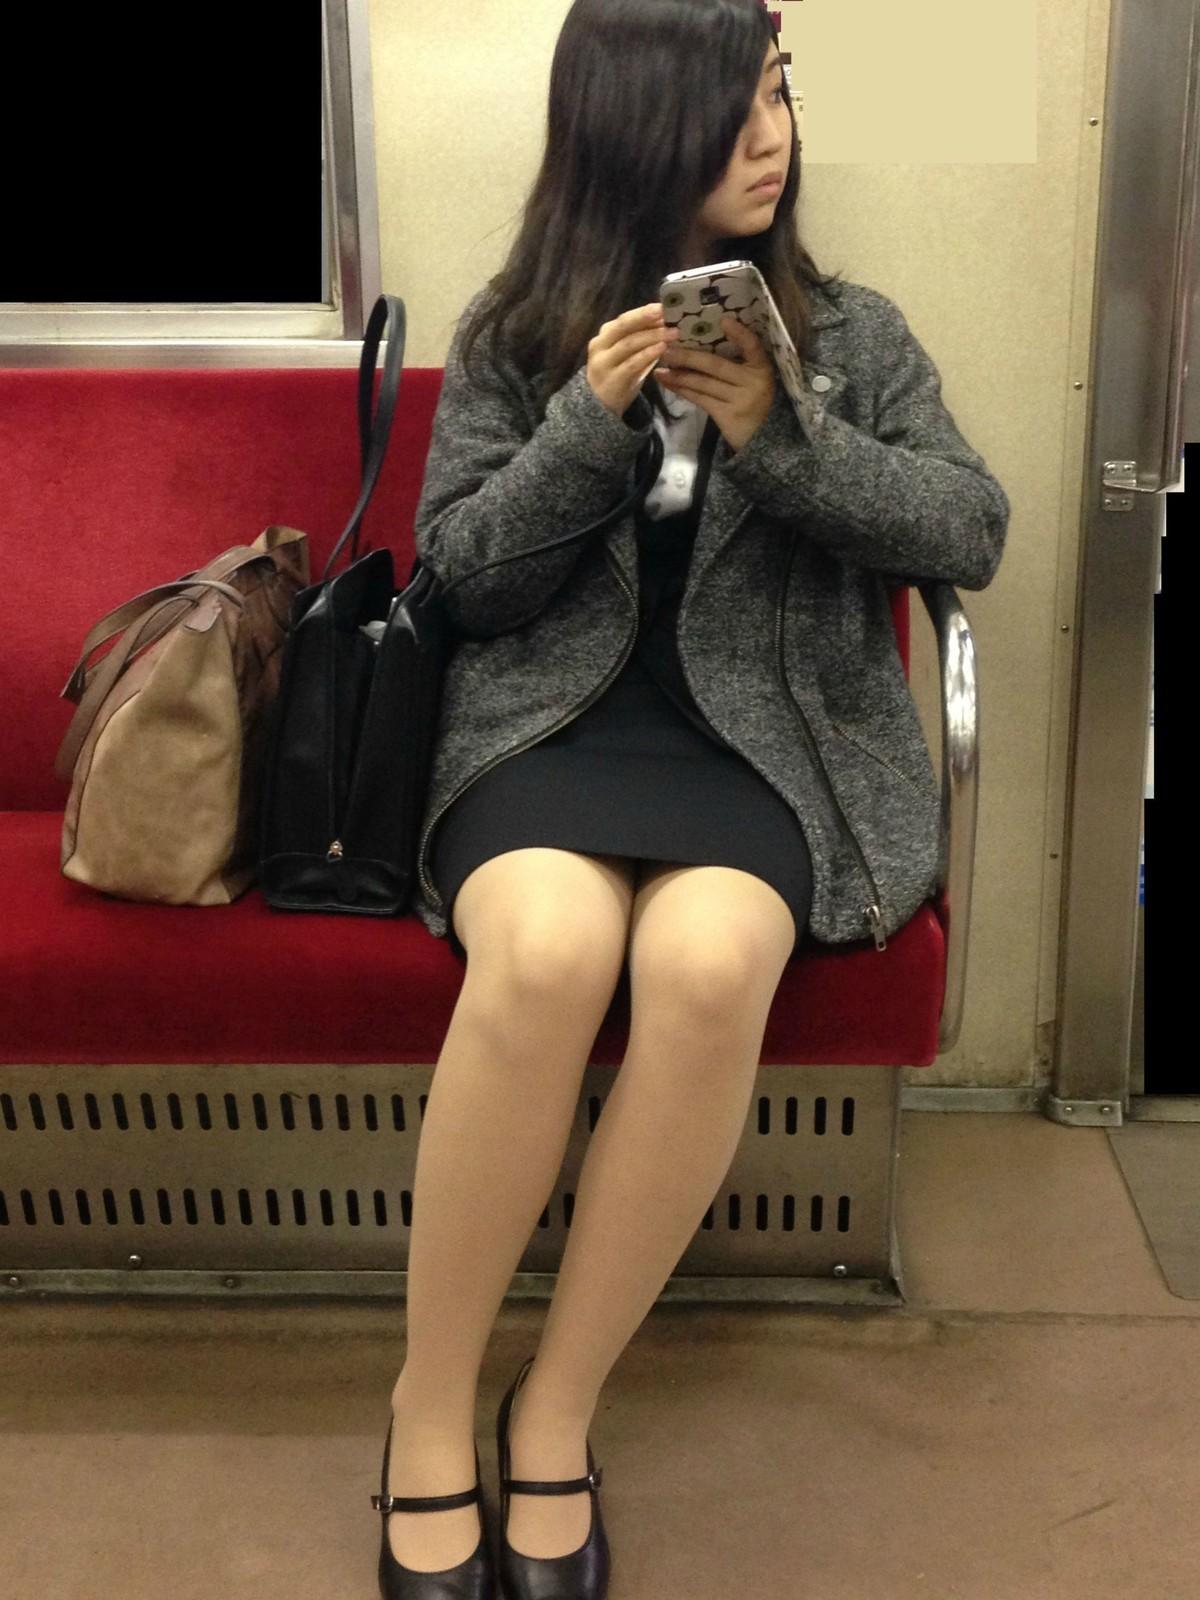 可愛いOLお姉さんの美脚のエロさが半端ない!